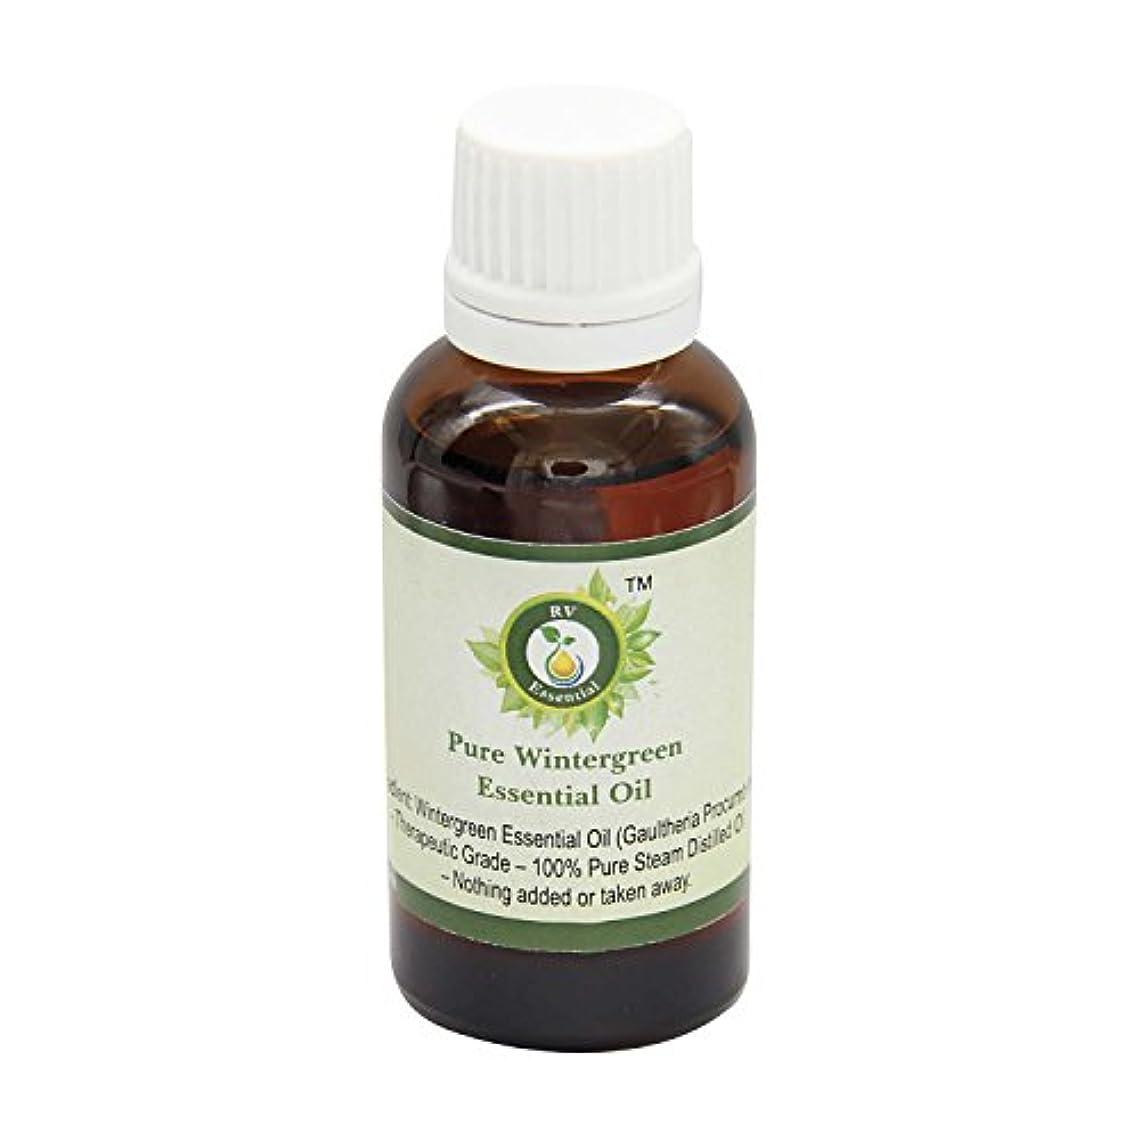 ブラウザ意義直接R V Essential ピュアウィンターグリーンエッセンシャルオイル300ml (10oz)- Gaultheria Procumbens (100%純粋&天然スチームDistilled) Pure Wintergreen...